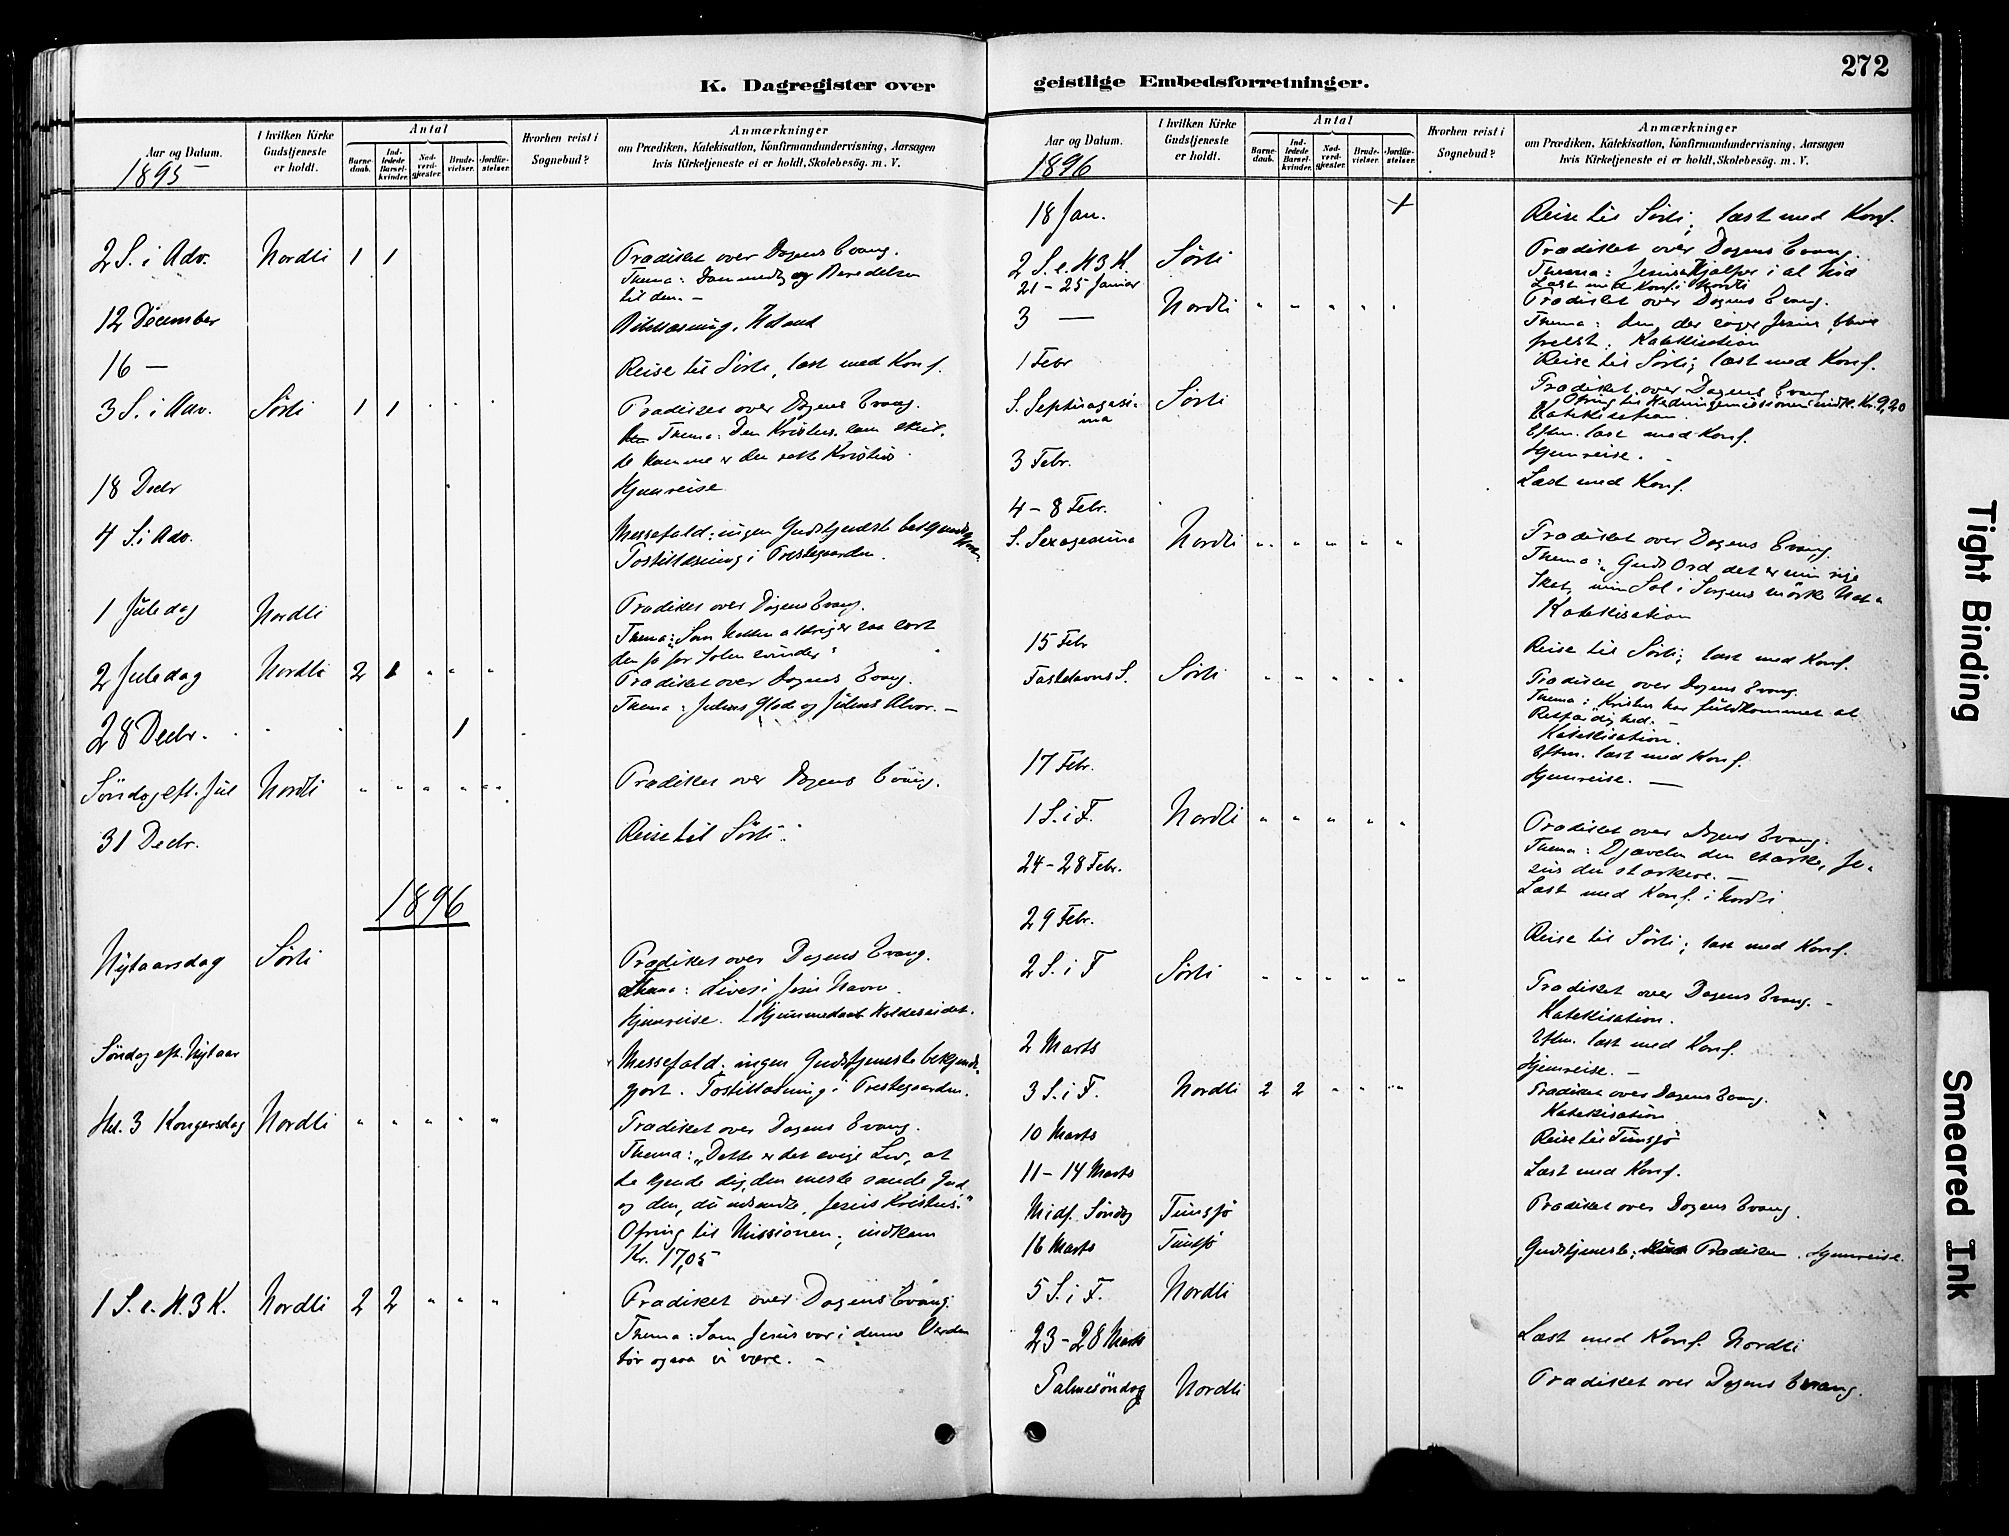 SAT, Ministerialprotokoller, klokkerbøker og fødselsregistre - Nord-Trøndelag, 755/L0494: Ministerialbok nr. 755A03, 1882-1902, s. 272